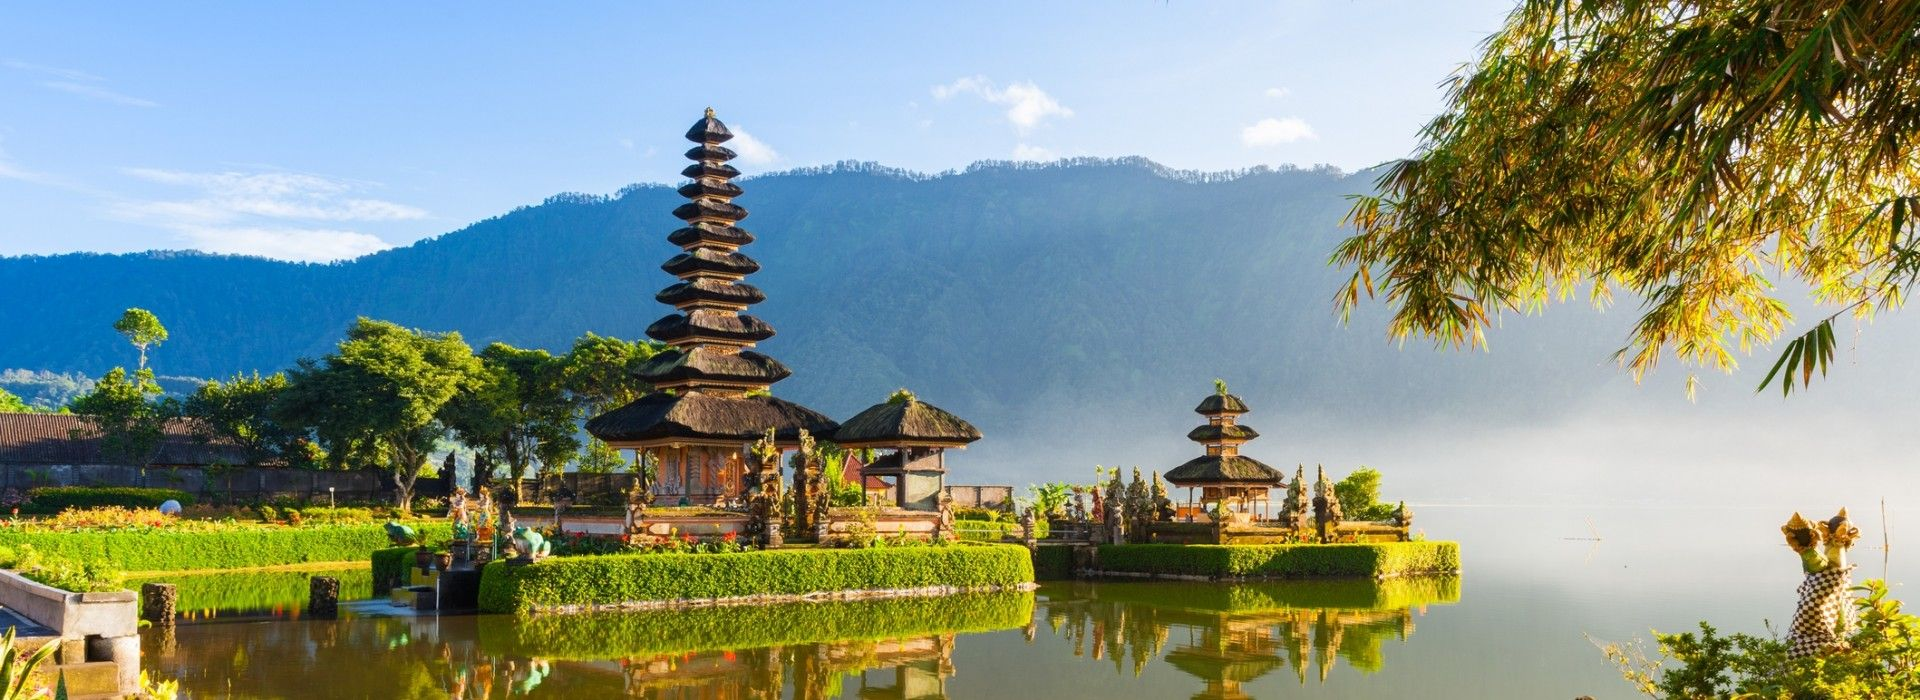 Romantic Tours in Indonesia